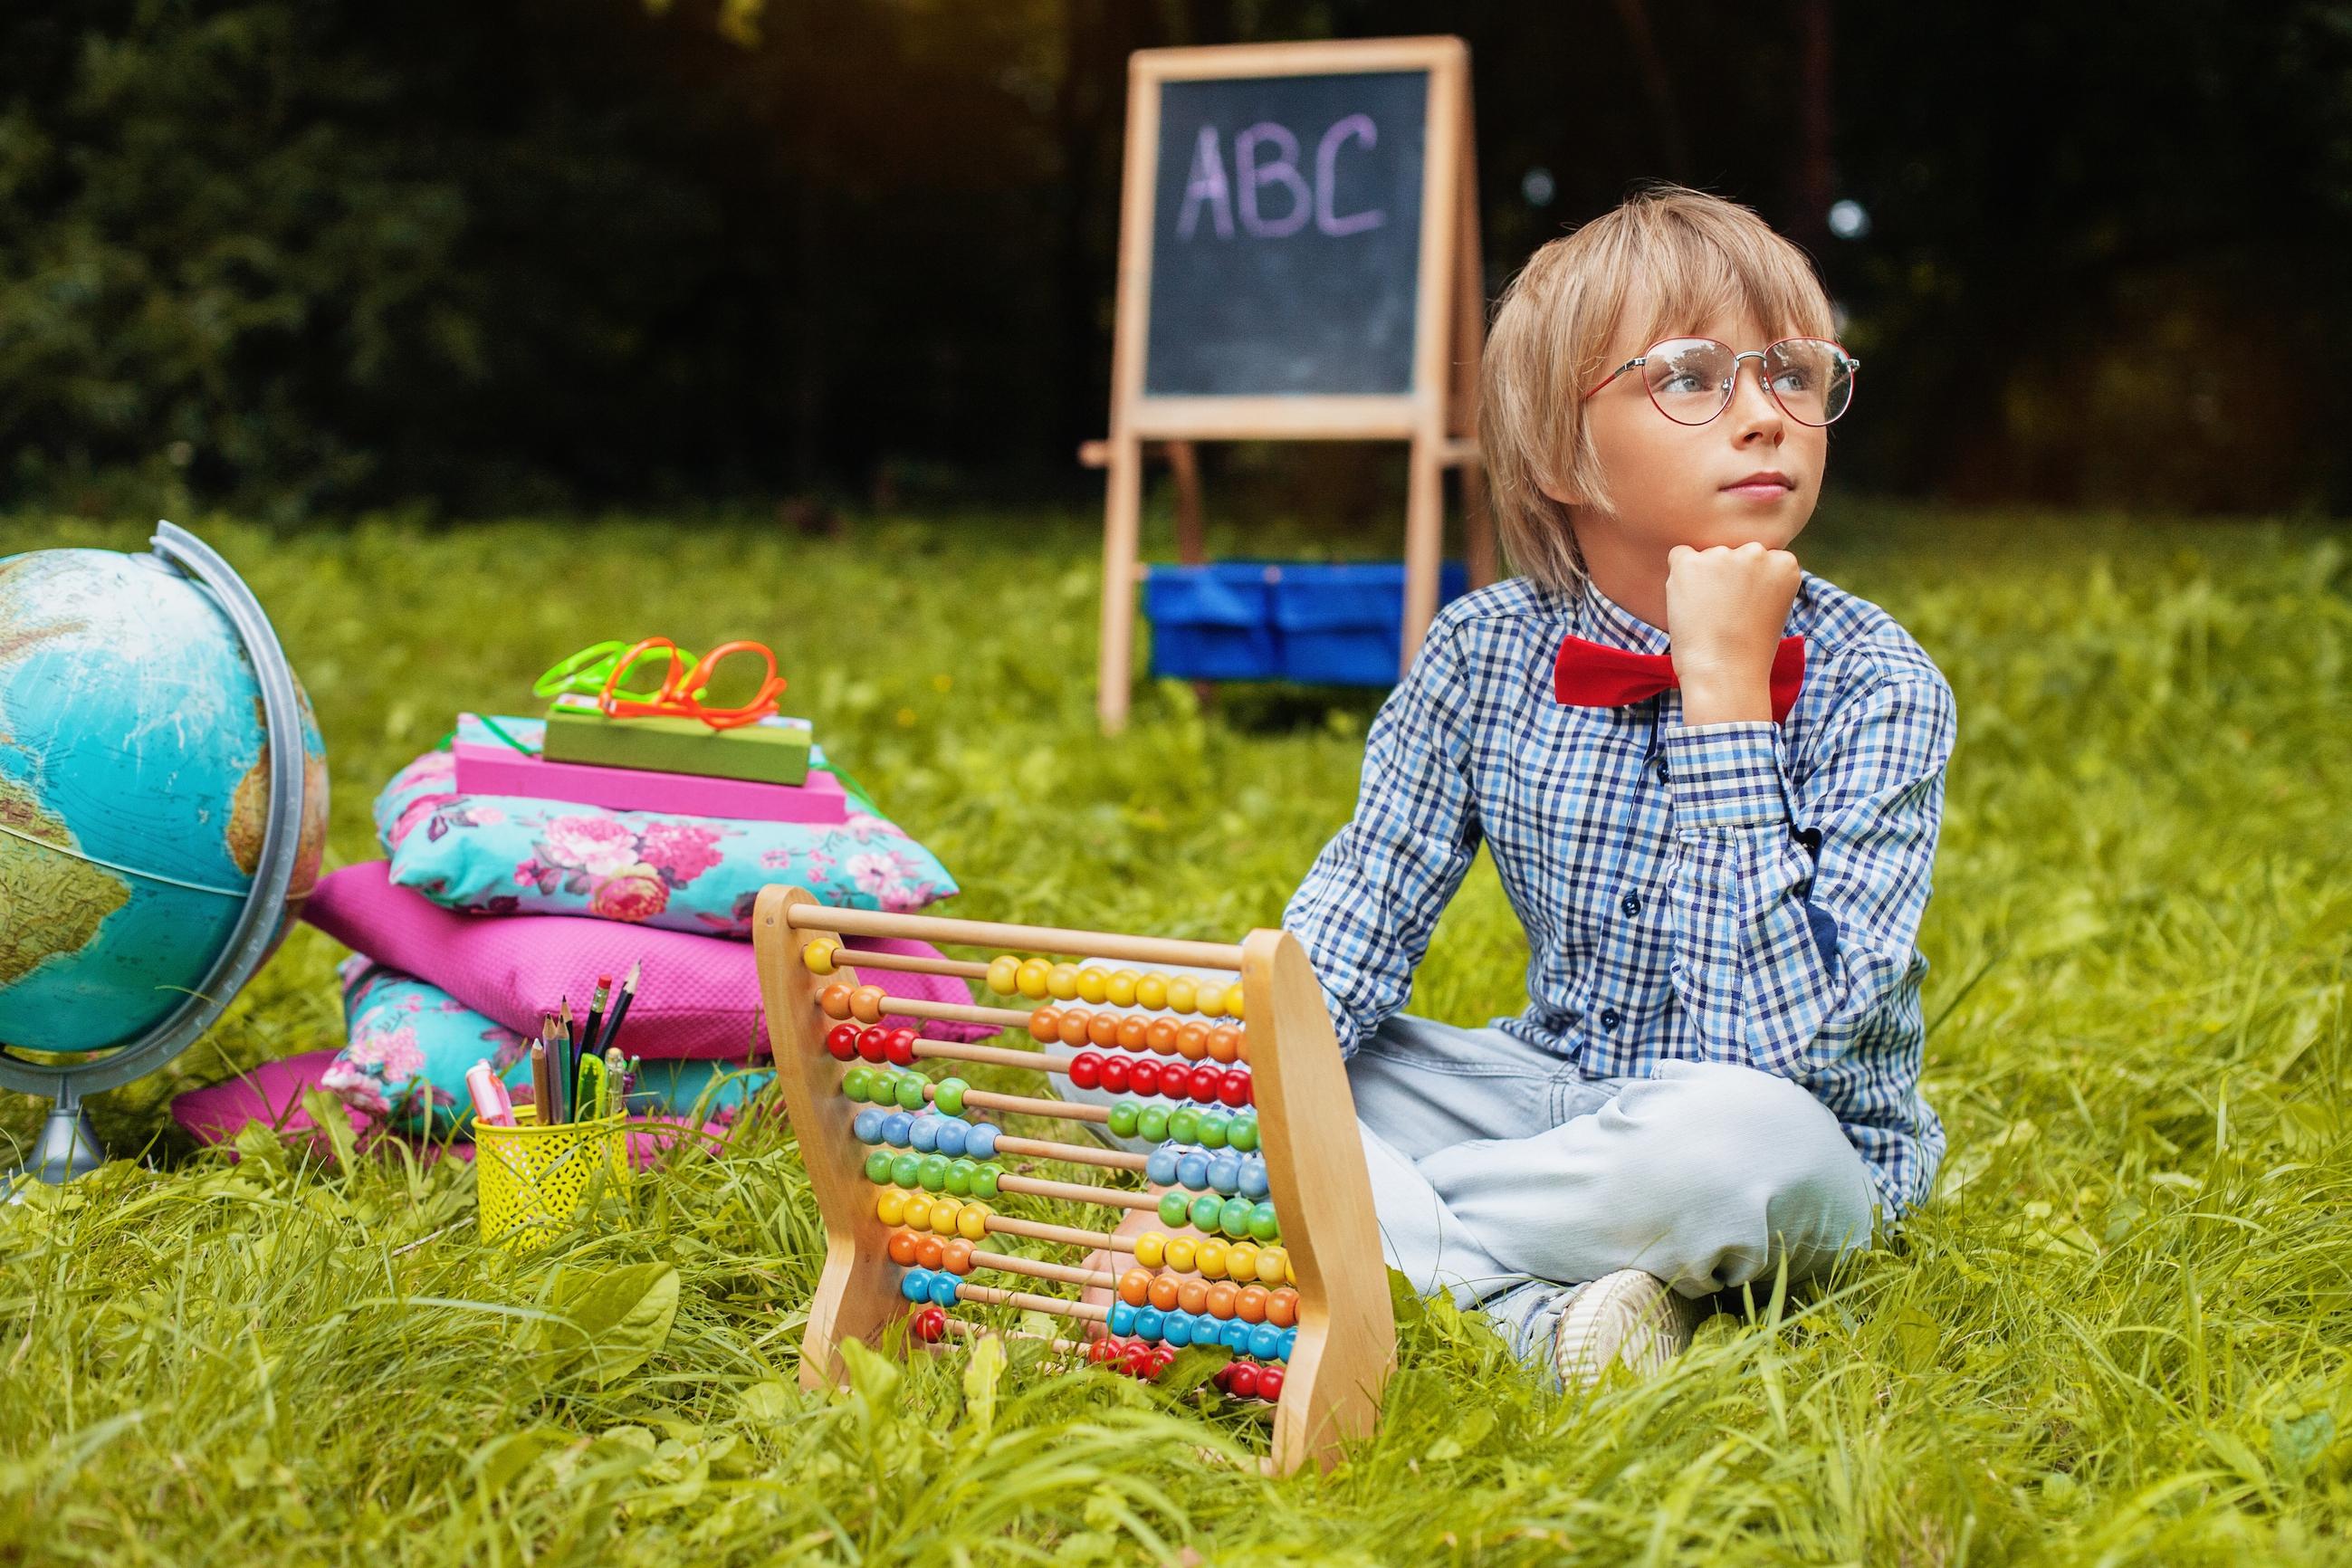 Briljant: 13 x de meest geniale toets-antwoorden van kinderen